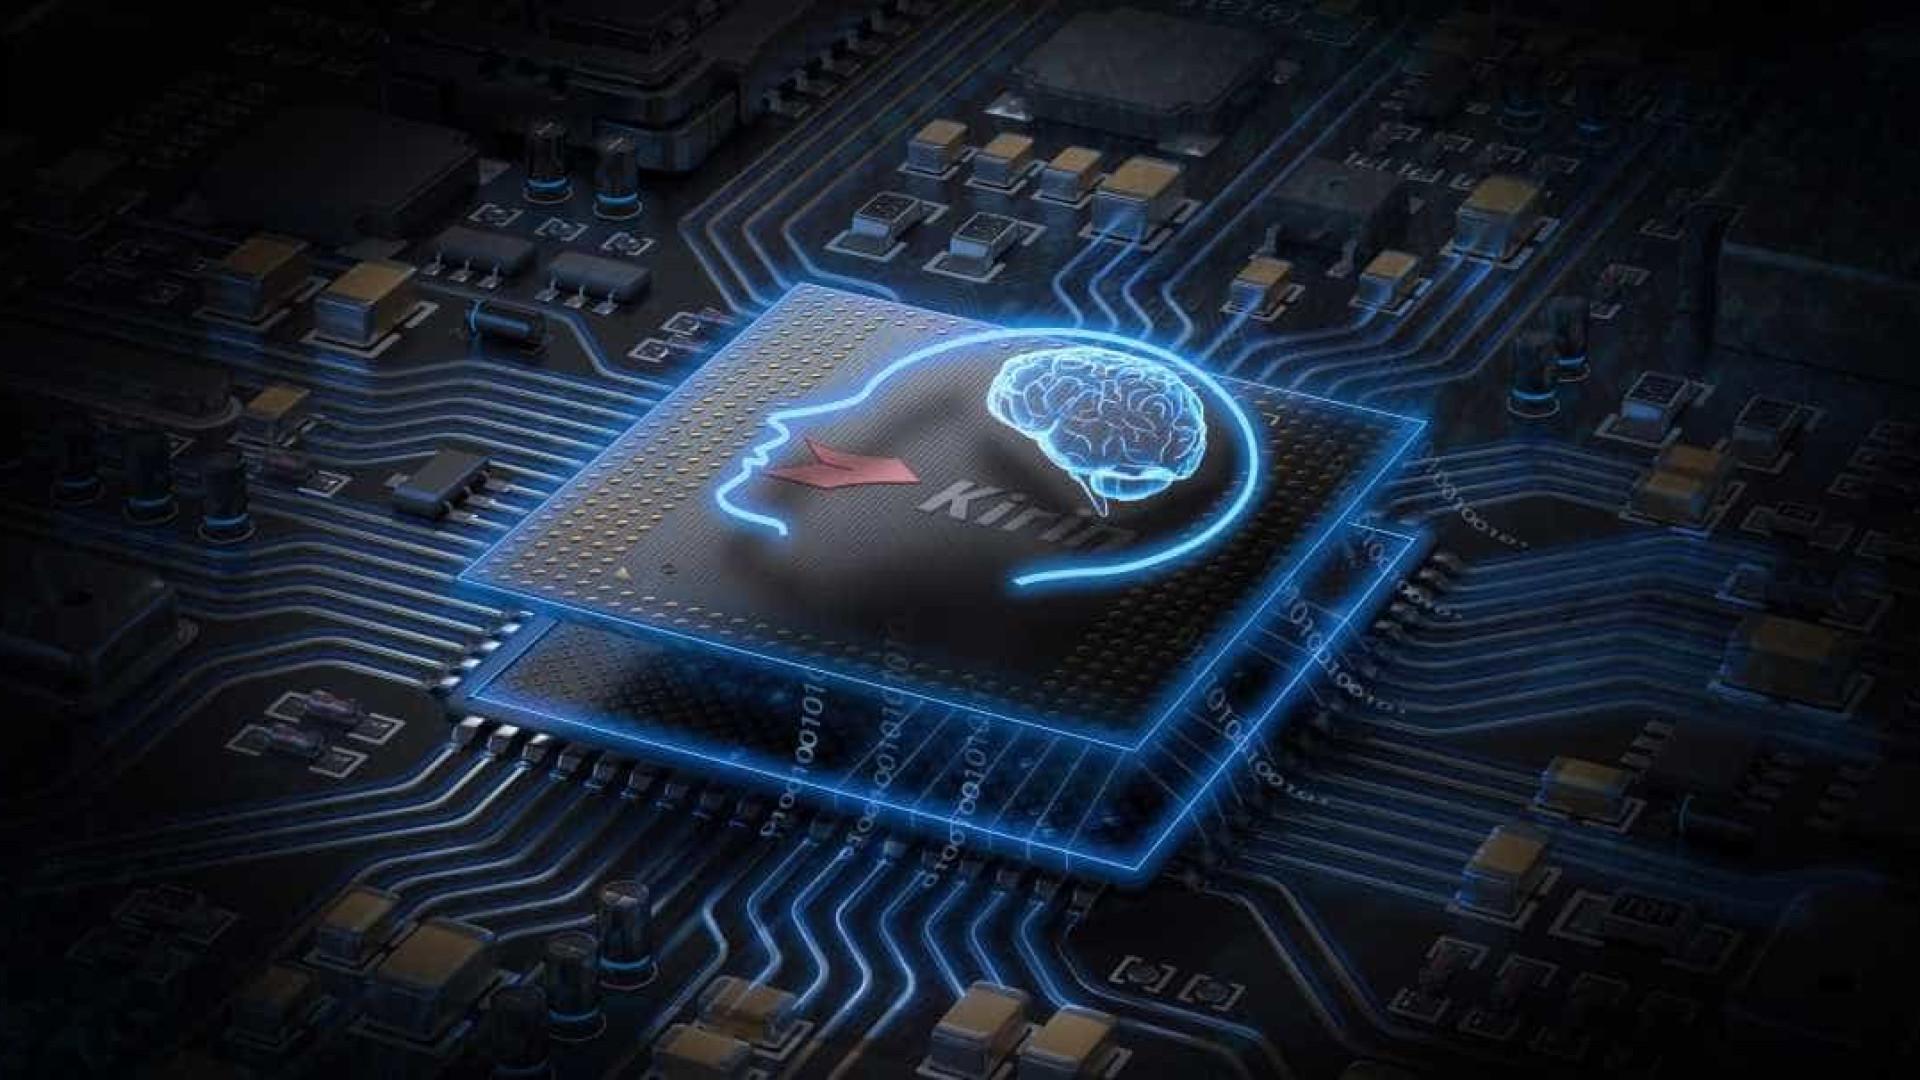 Com foco em IA, processador Kirin 970 é anunciado oficialmente pela Huawei